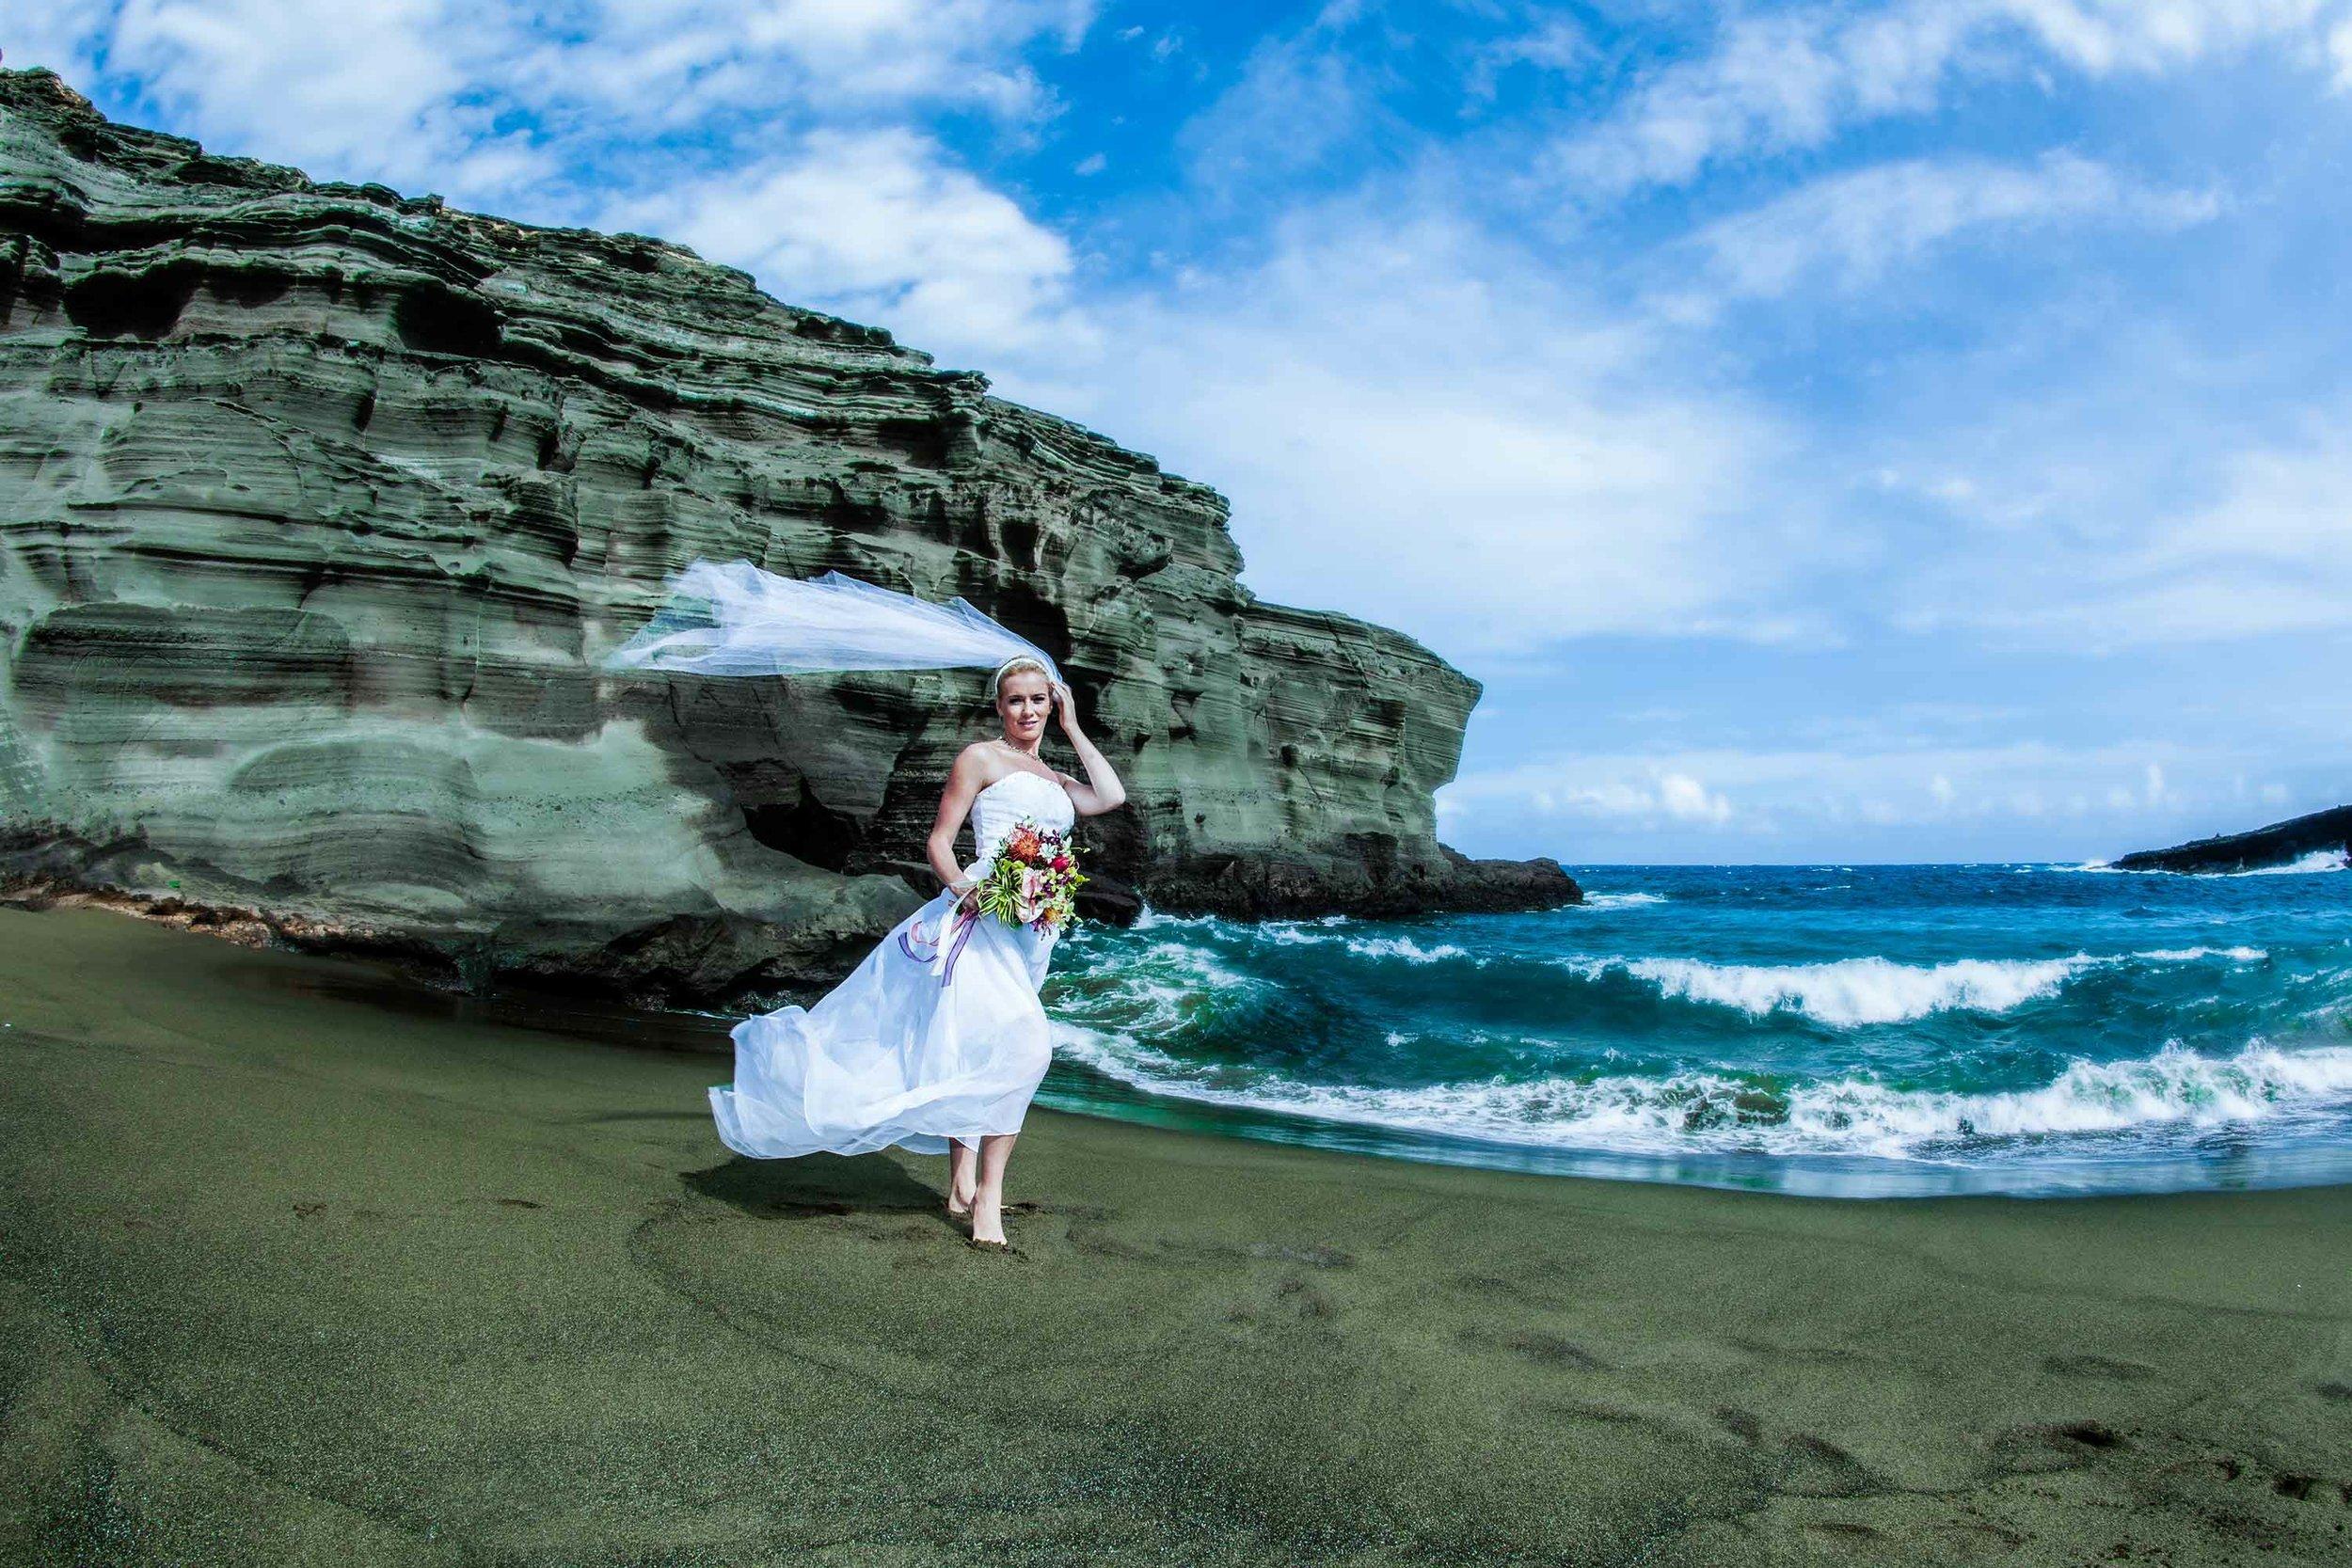 20150404-Beach-Glass-Weddings-026.jpg